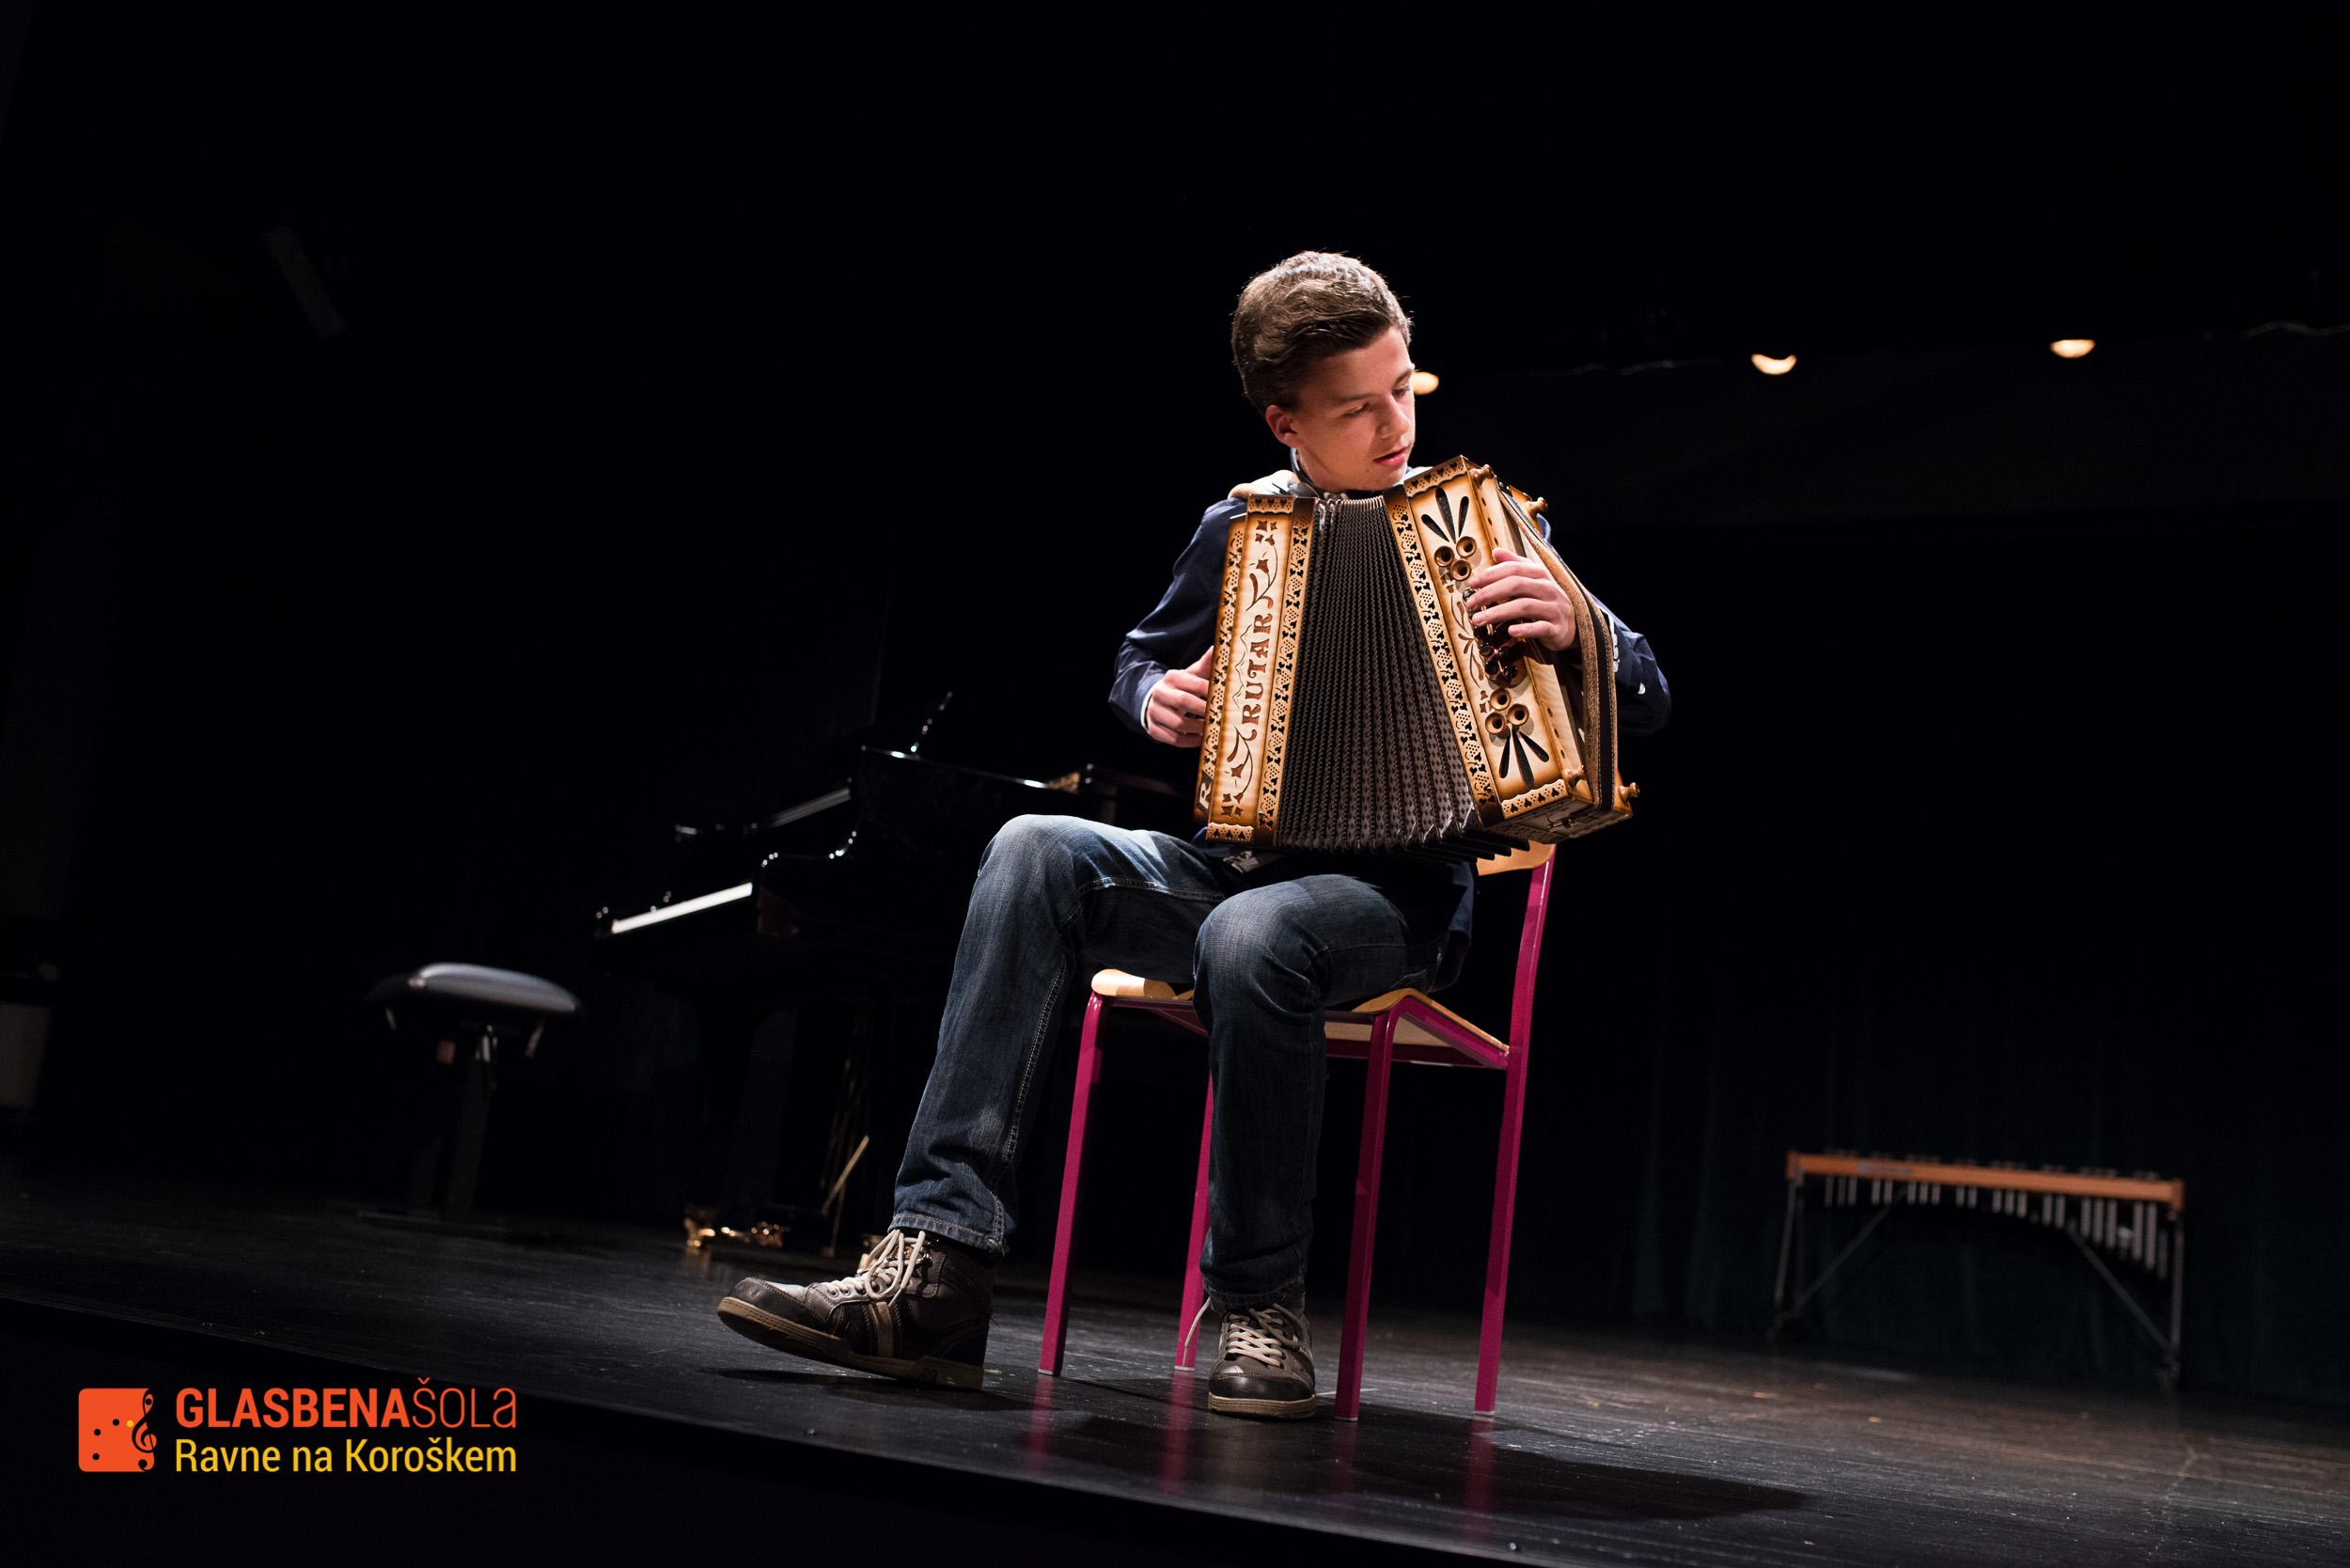 koncert-08-11-2014-22